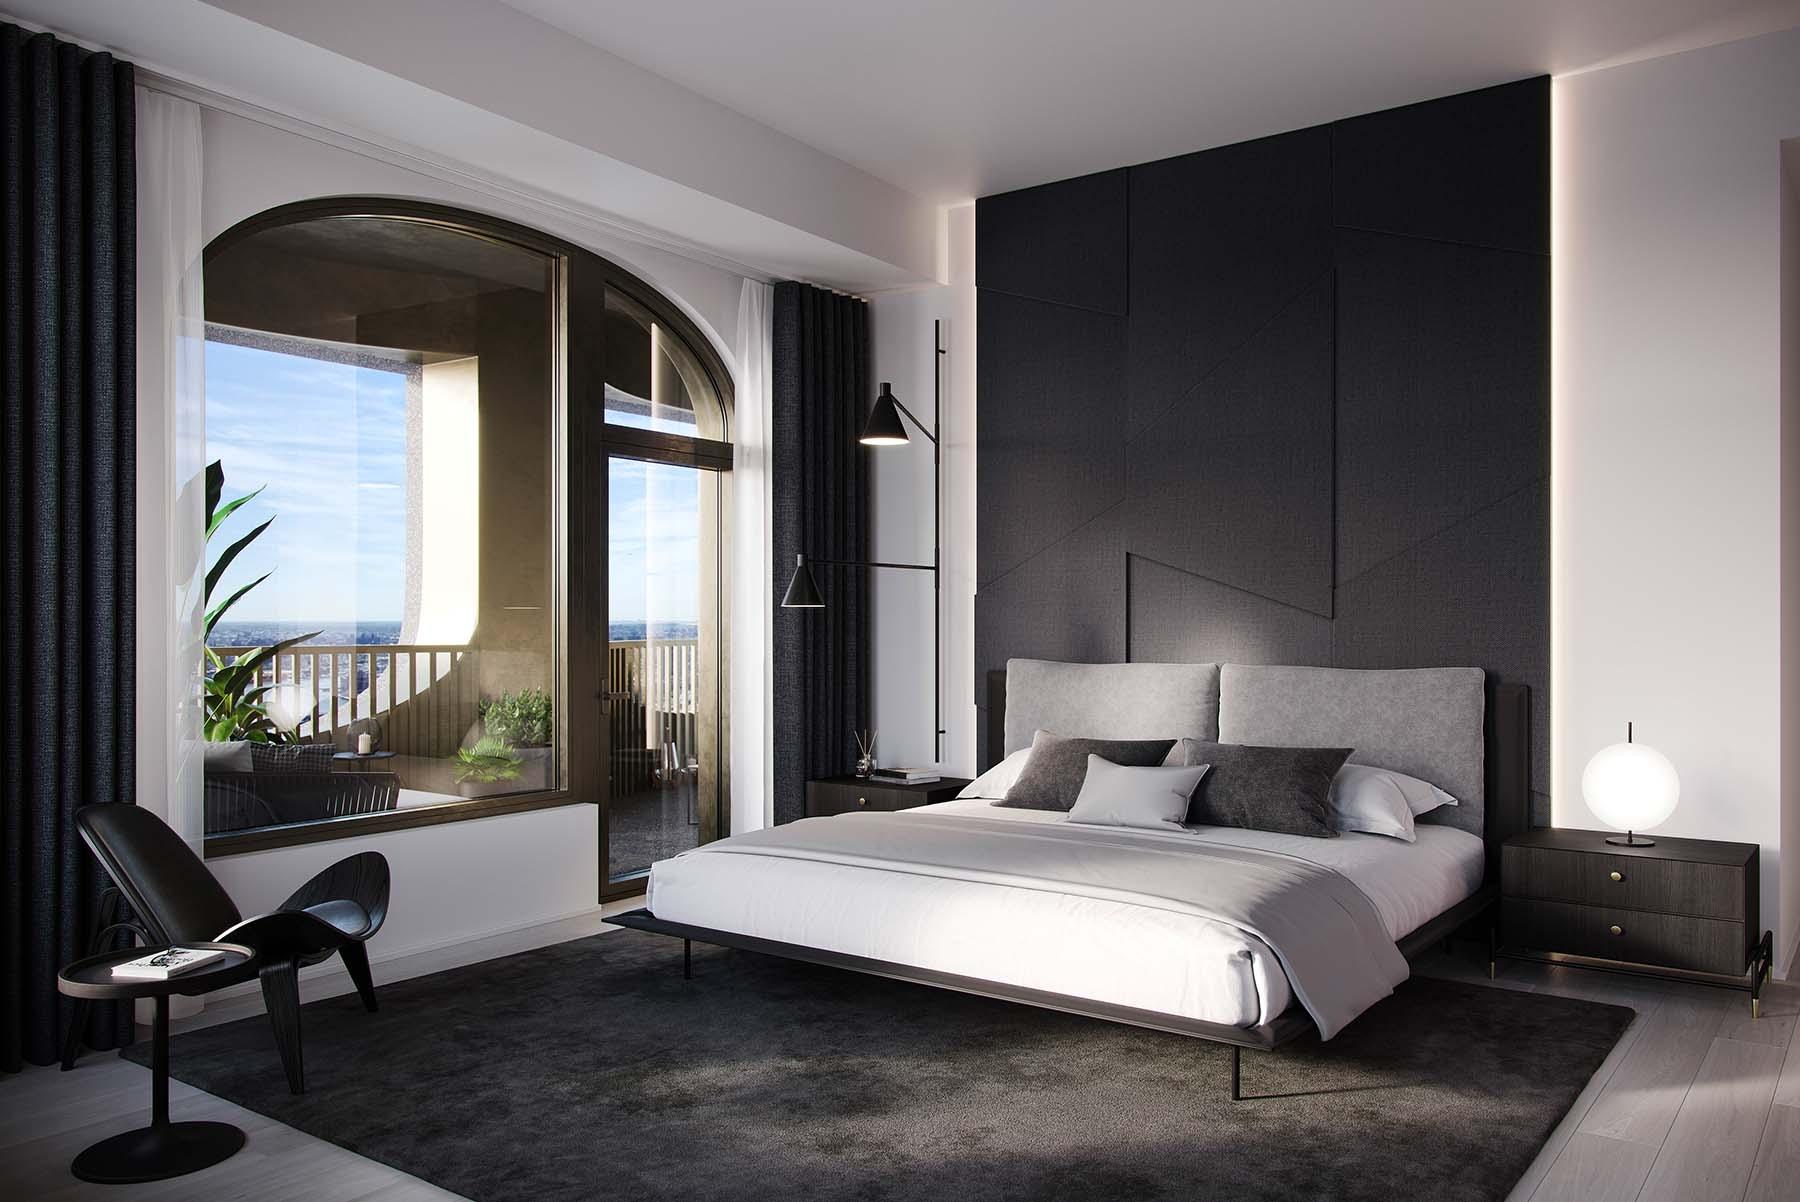 Imagen de uno de los dormitorios.